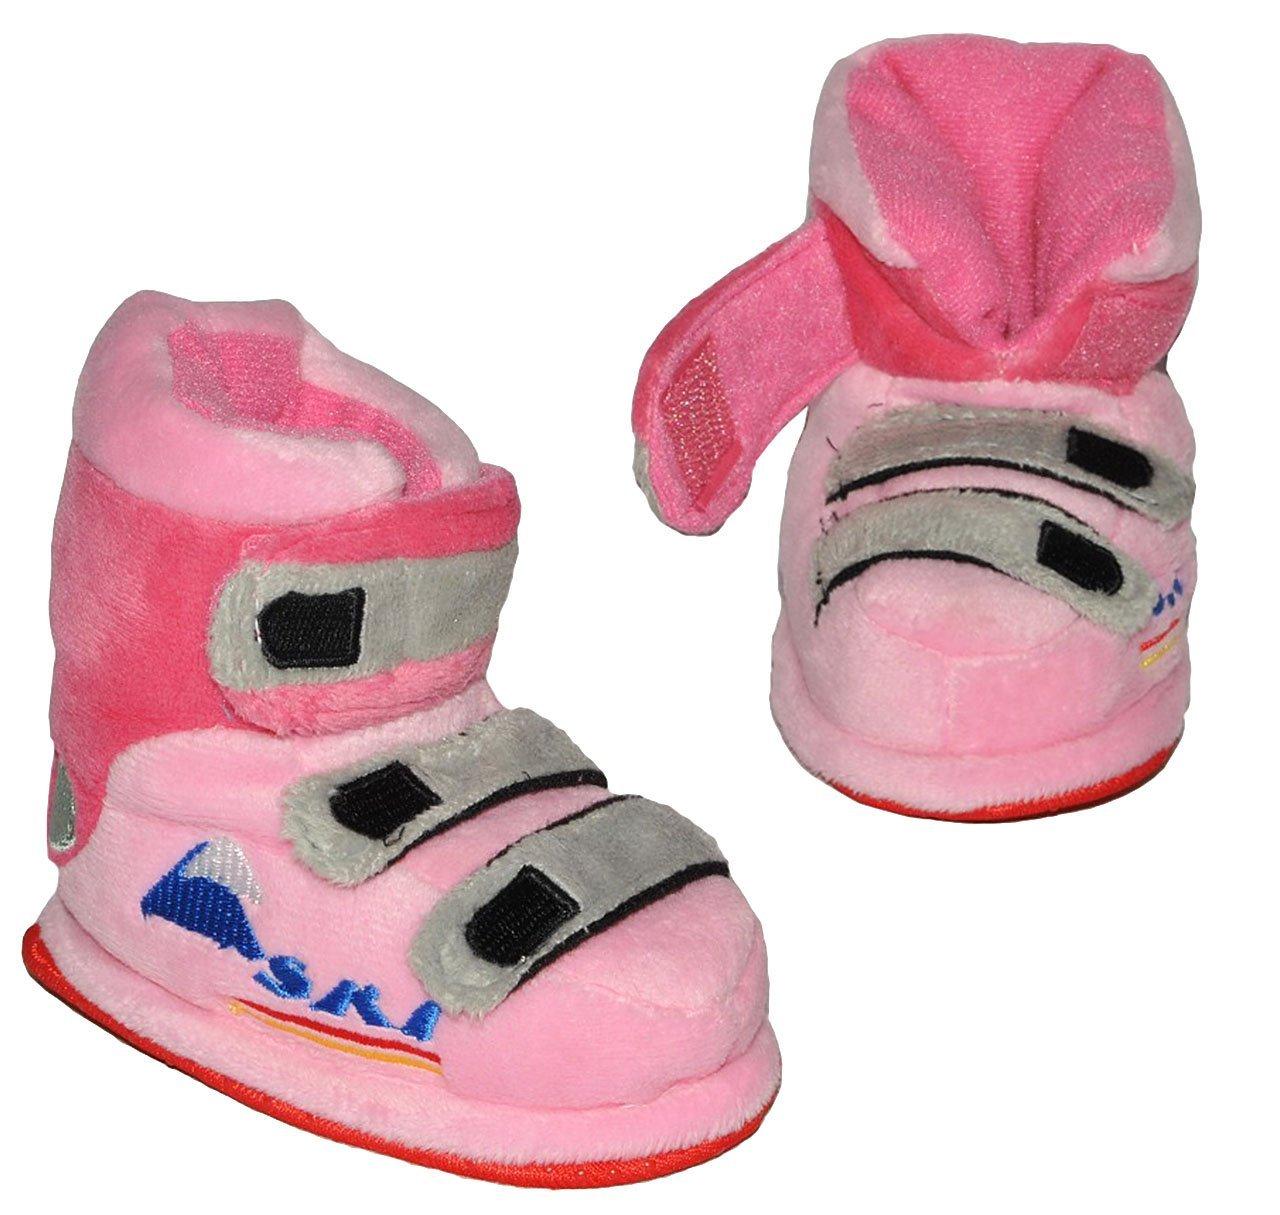 Circa Baby 6-12 Monate SUPERWARM als rosa Skischuhe Gr Unbekannt Hausschuhe 19-20 gef/ütterte Pl/üschhausschuhe // Boots // Hausstiefel // Hausschuh Stiefel war..